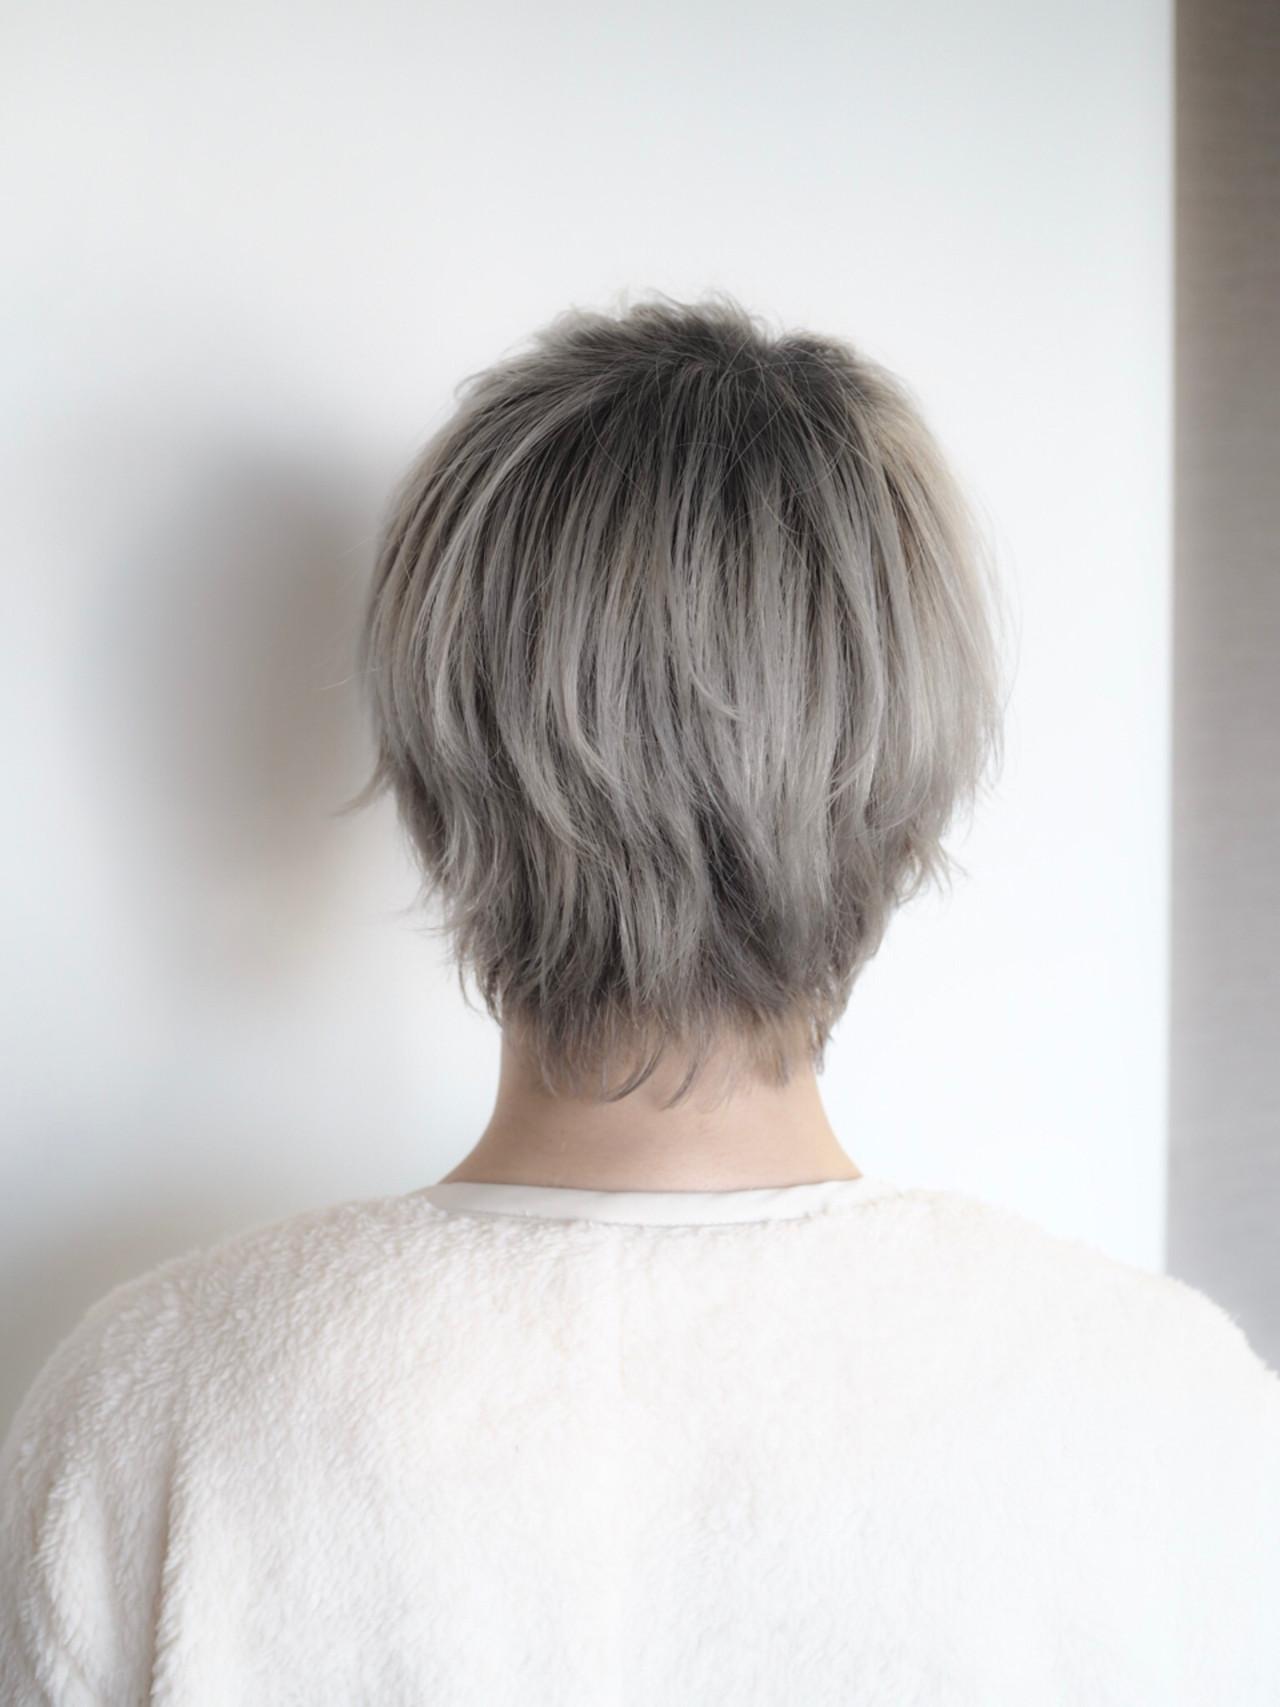 ホワイト シルバー グレージュ ショート ヘアスタイルや髪型の写真・画像 | 西村涼 / airsalon